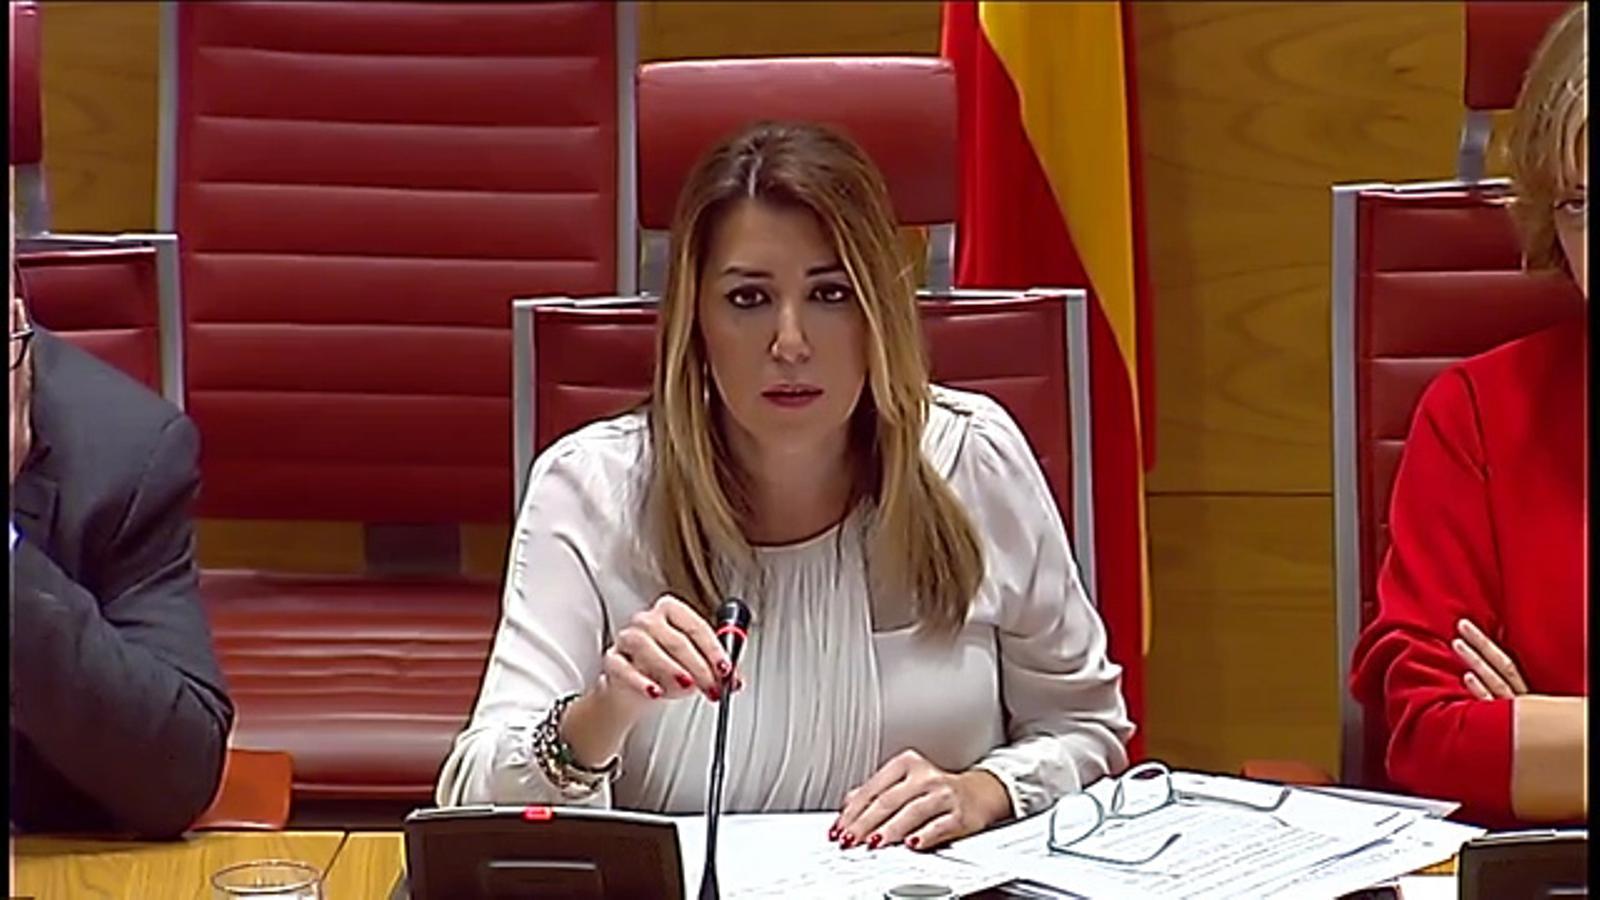 """Susana Díaz s'enfada amb el senador del PP després de dir-li que té una """"gràcia especial"""""""